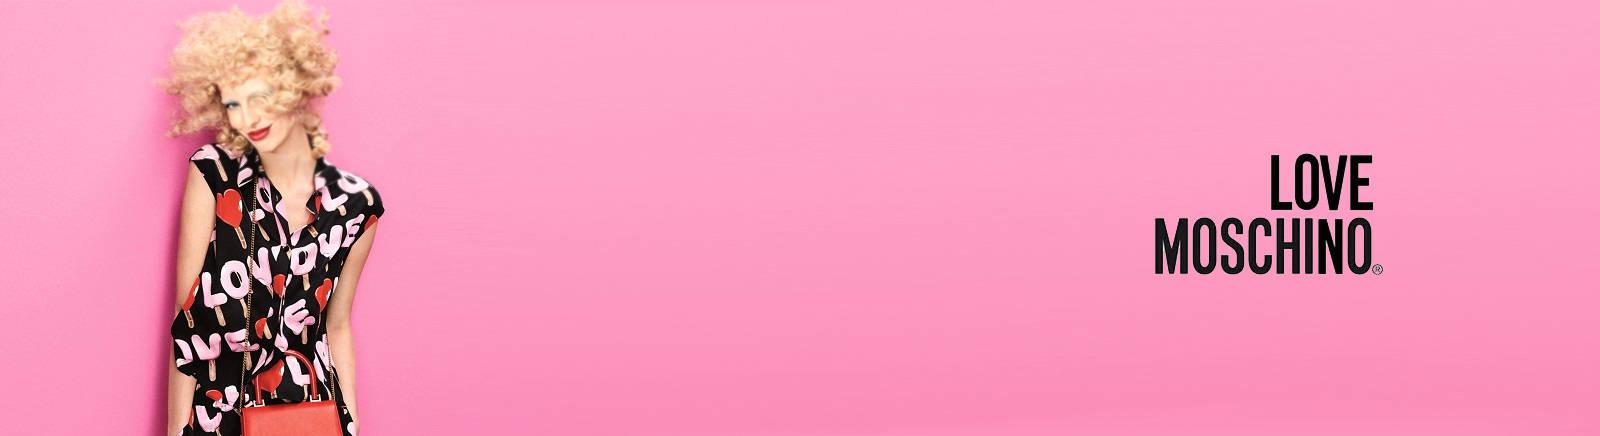 Love Moschino Damenschuhe online bestellen im Prange Schuhe Shop